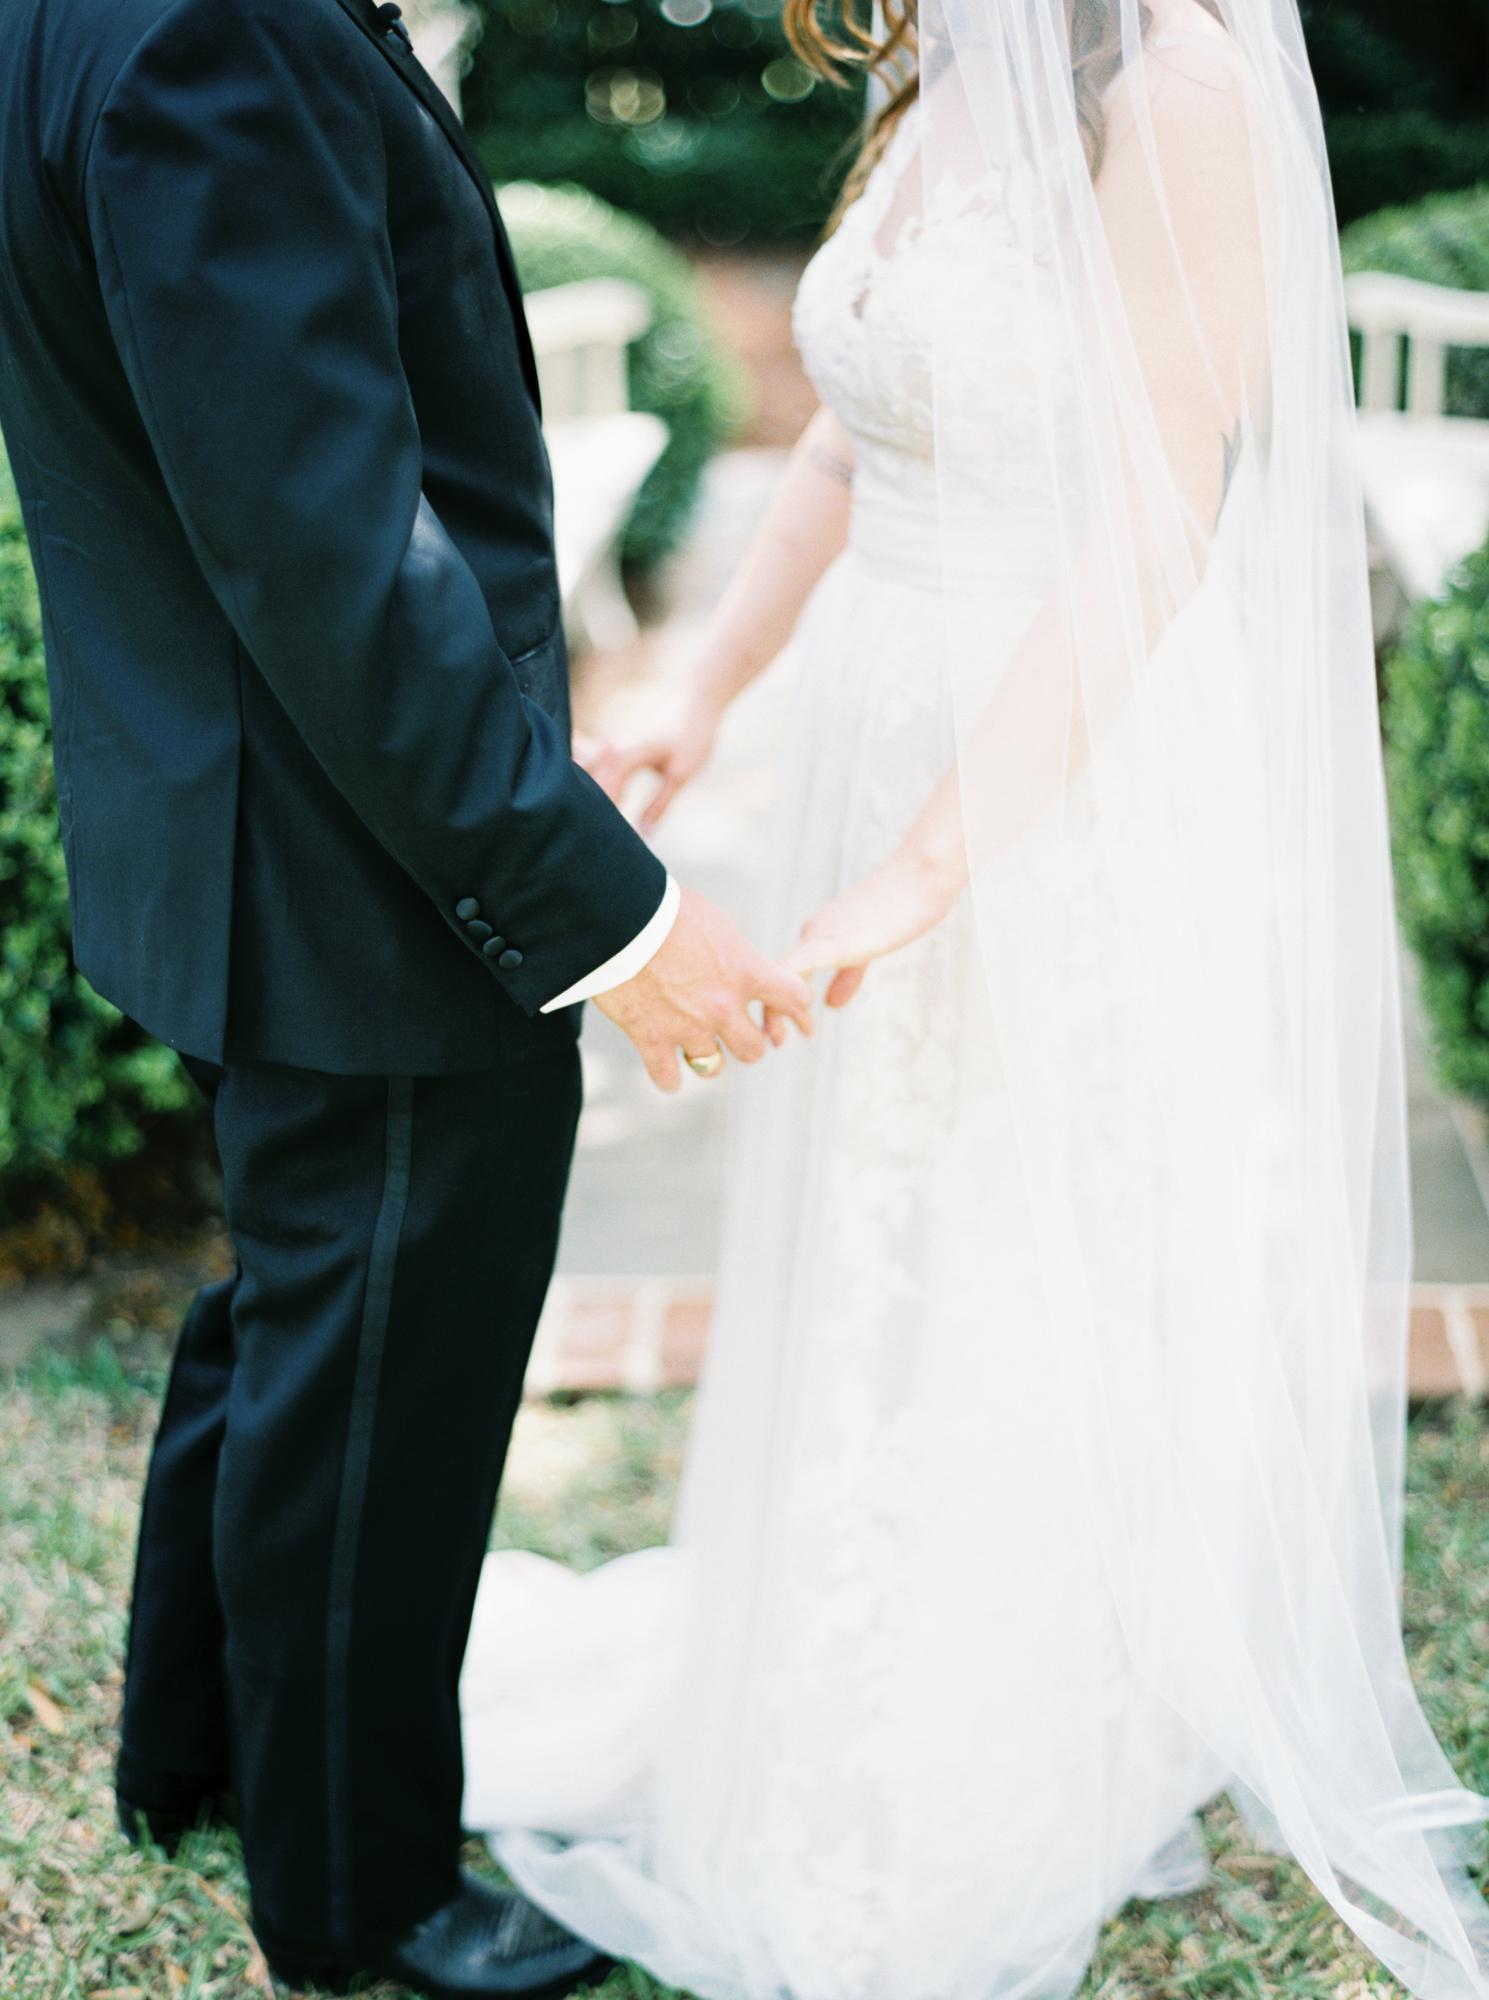 Middleton Place wedding photography